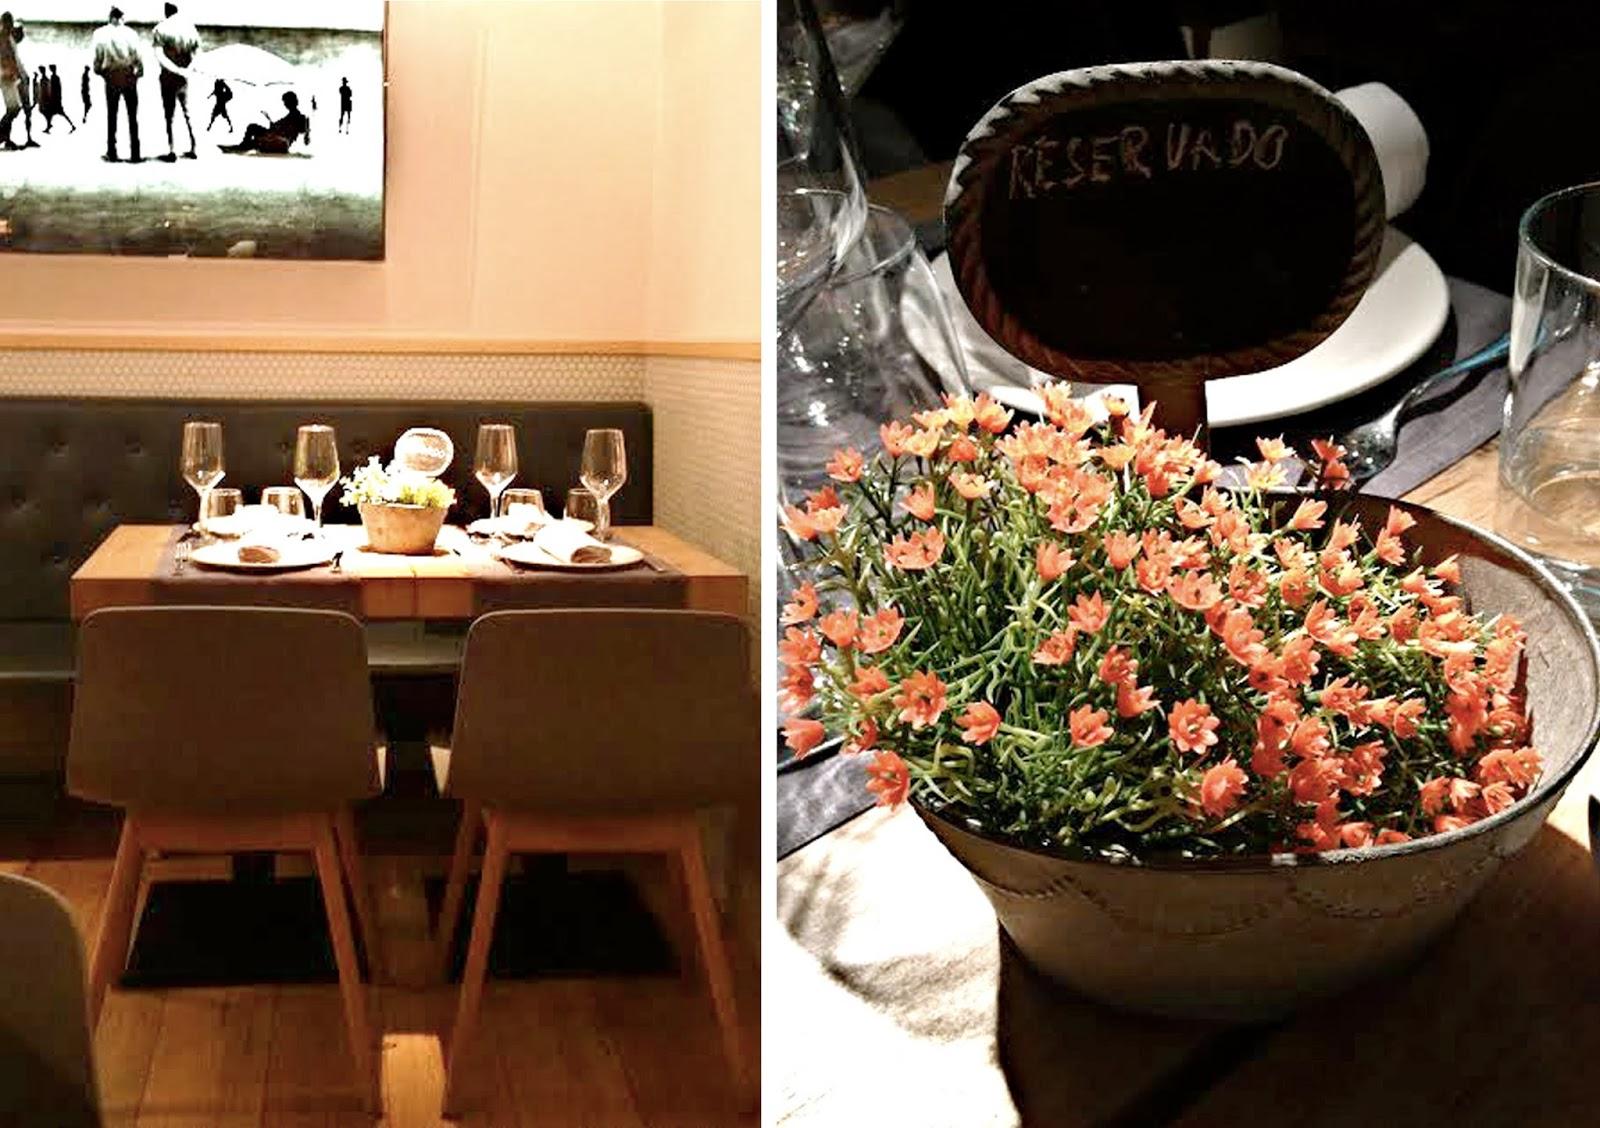 De mi mano by b4living la maruca santander - Restaurante la maruca ...